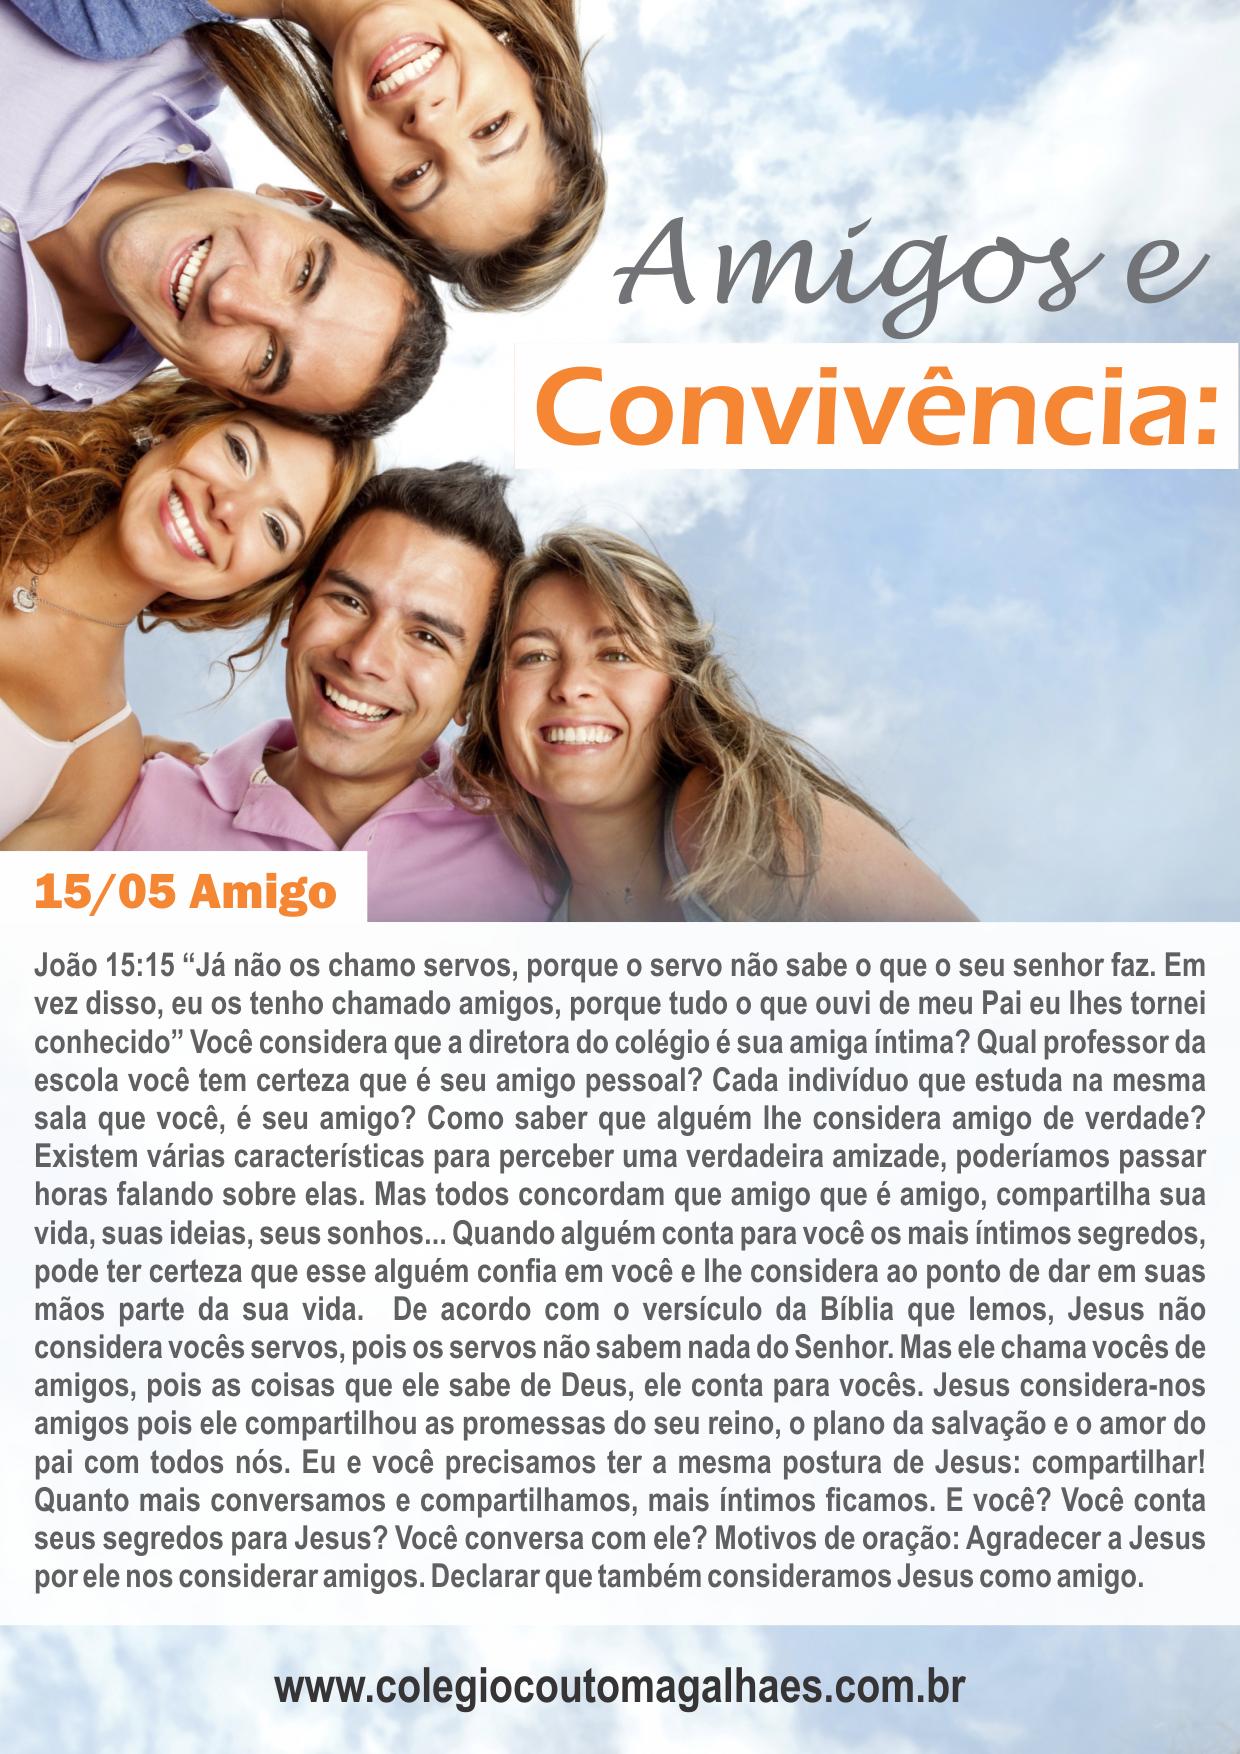 Devocional 15/05 - Amigos